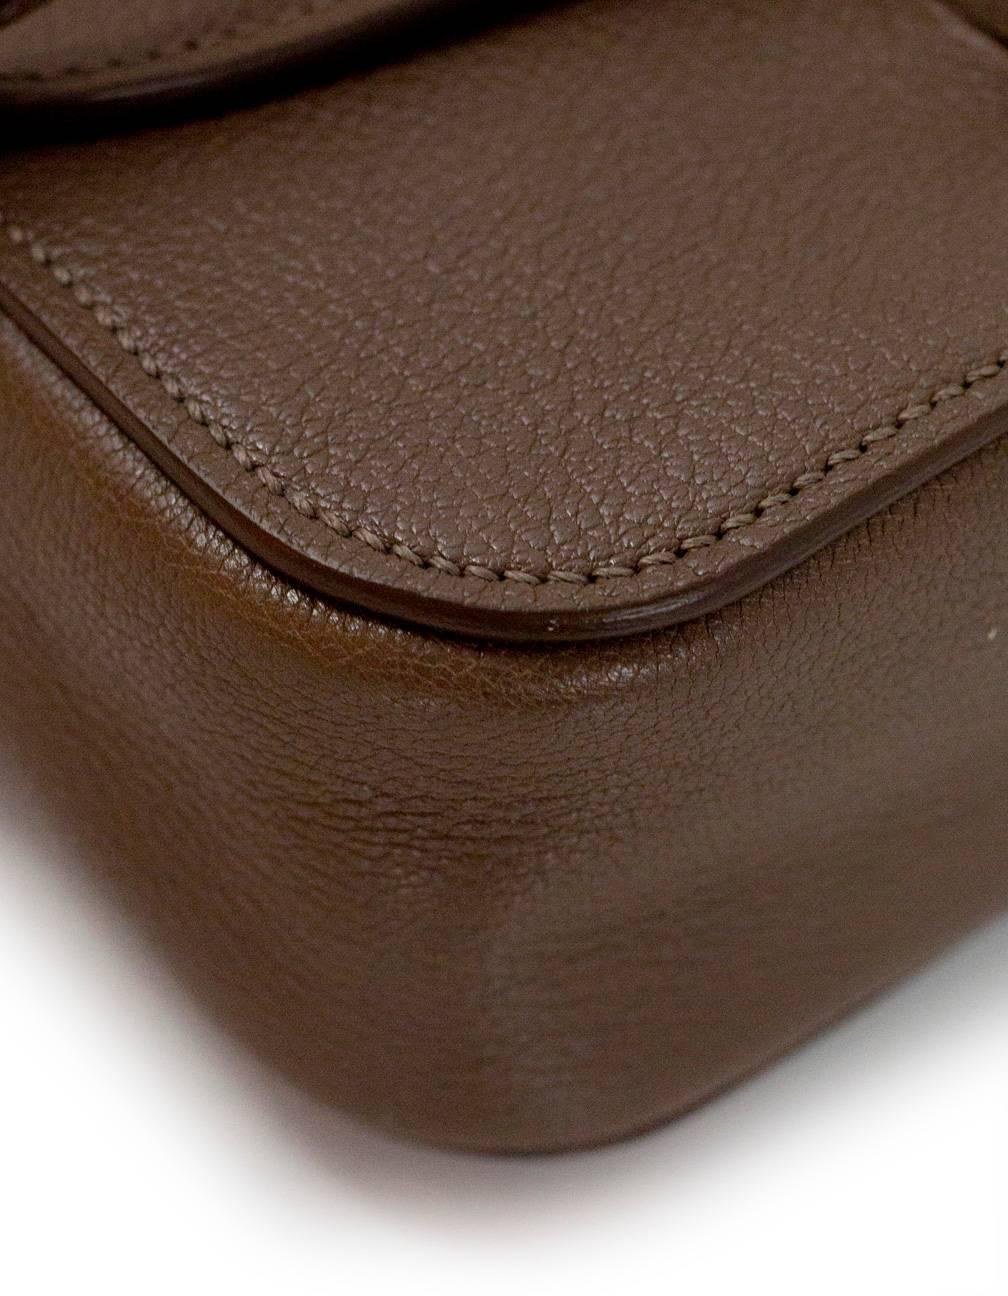 Miu Miu Miu Miu Bambu Taupe Leather Madras Crossbody Bag With Db yAmdVSN